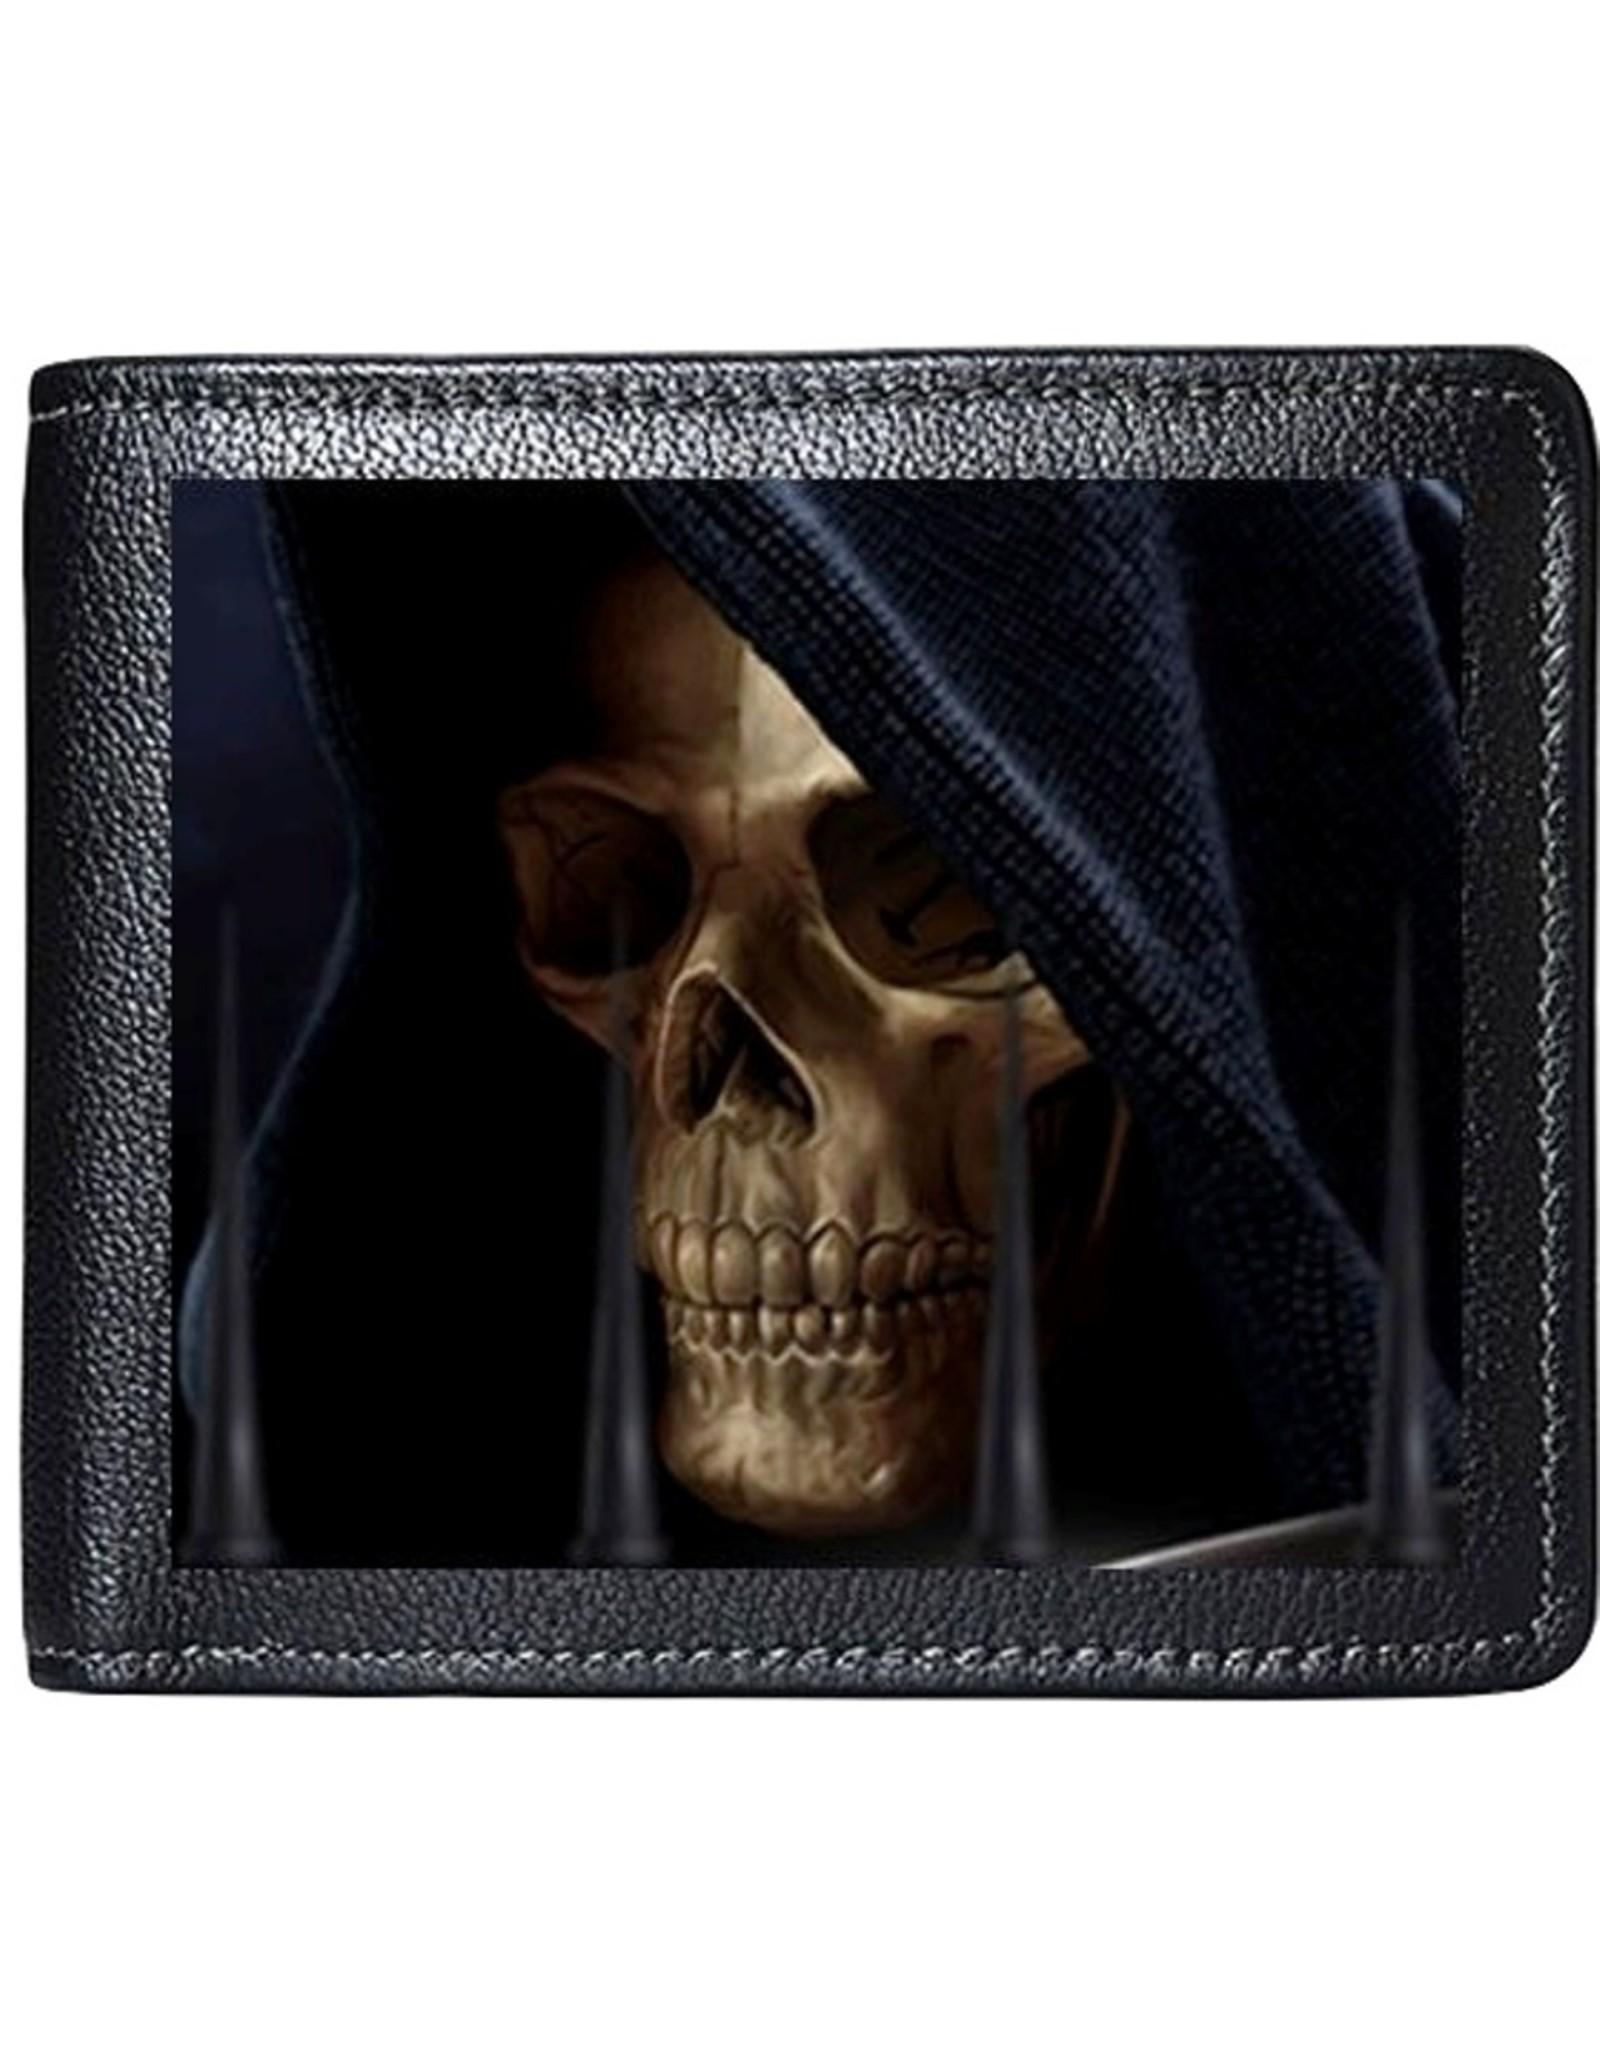 Tom Wood 3D Wallets and Purses - Tom Wood Fantasy Art 3D Lenticular Wallet Reaper